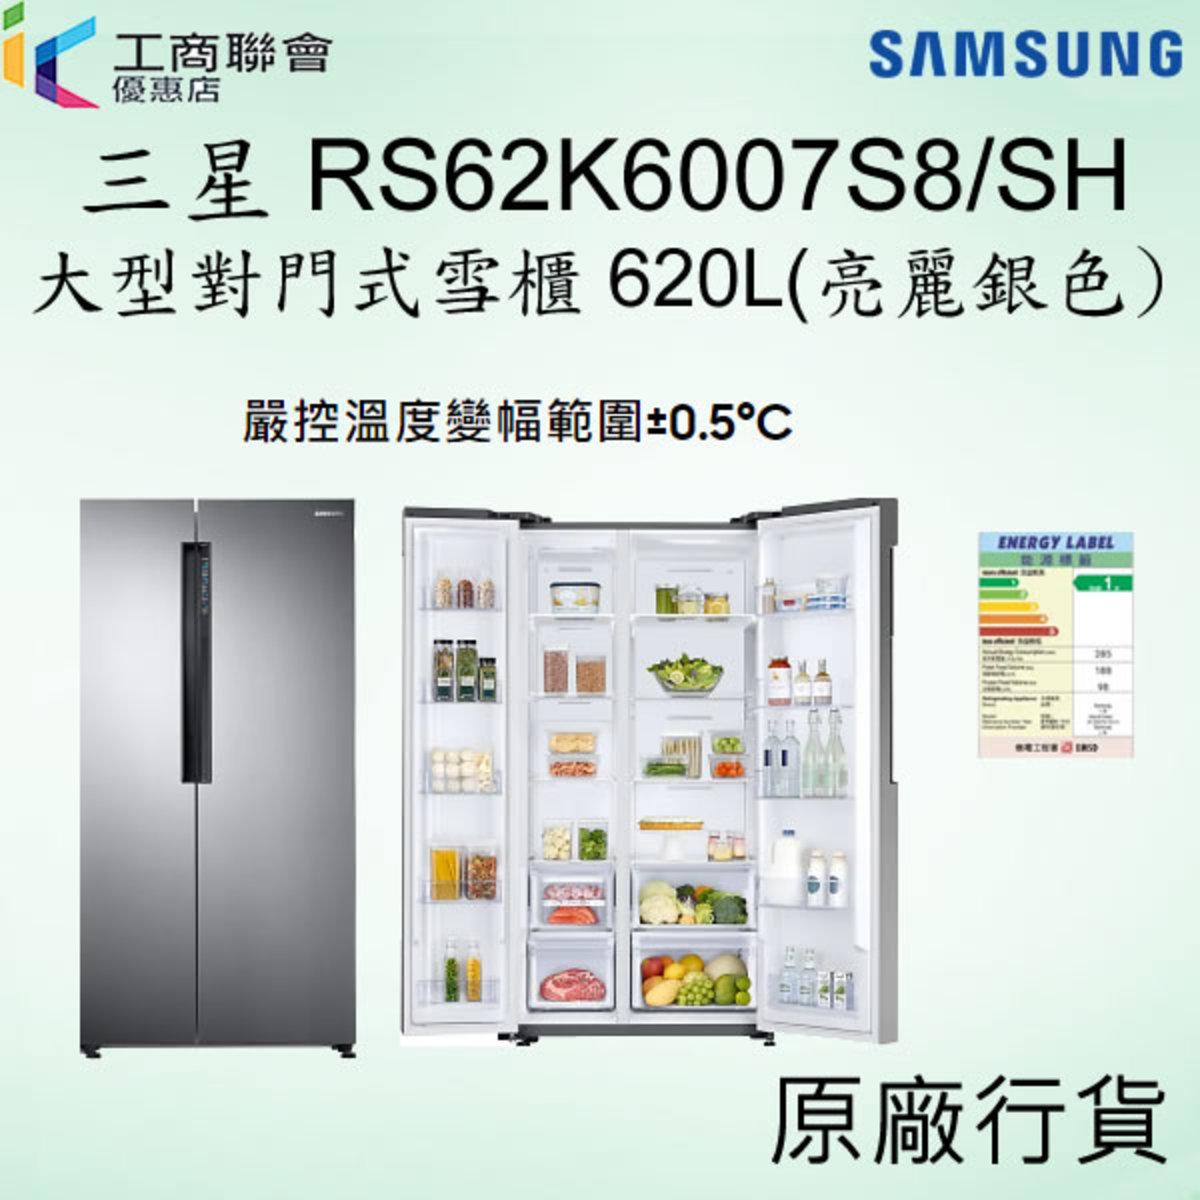 RS62K6007S8/SH    620L大型對門式雪櫃 (亮麗銀色)